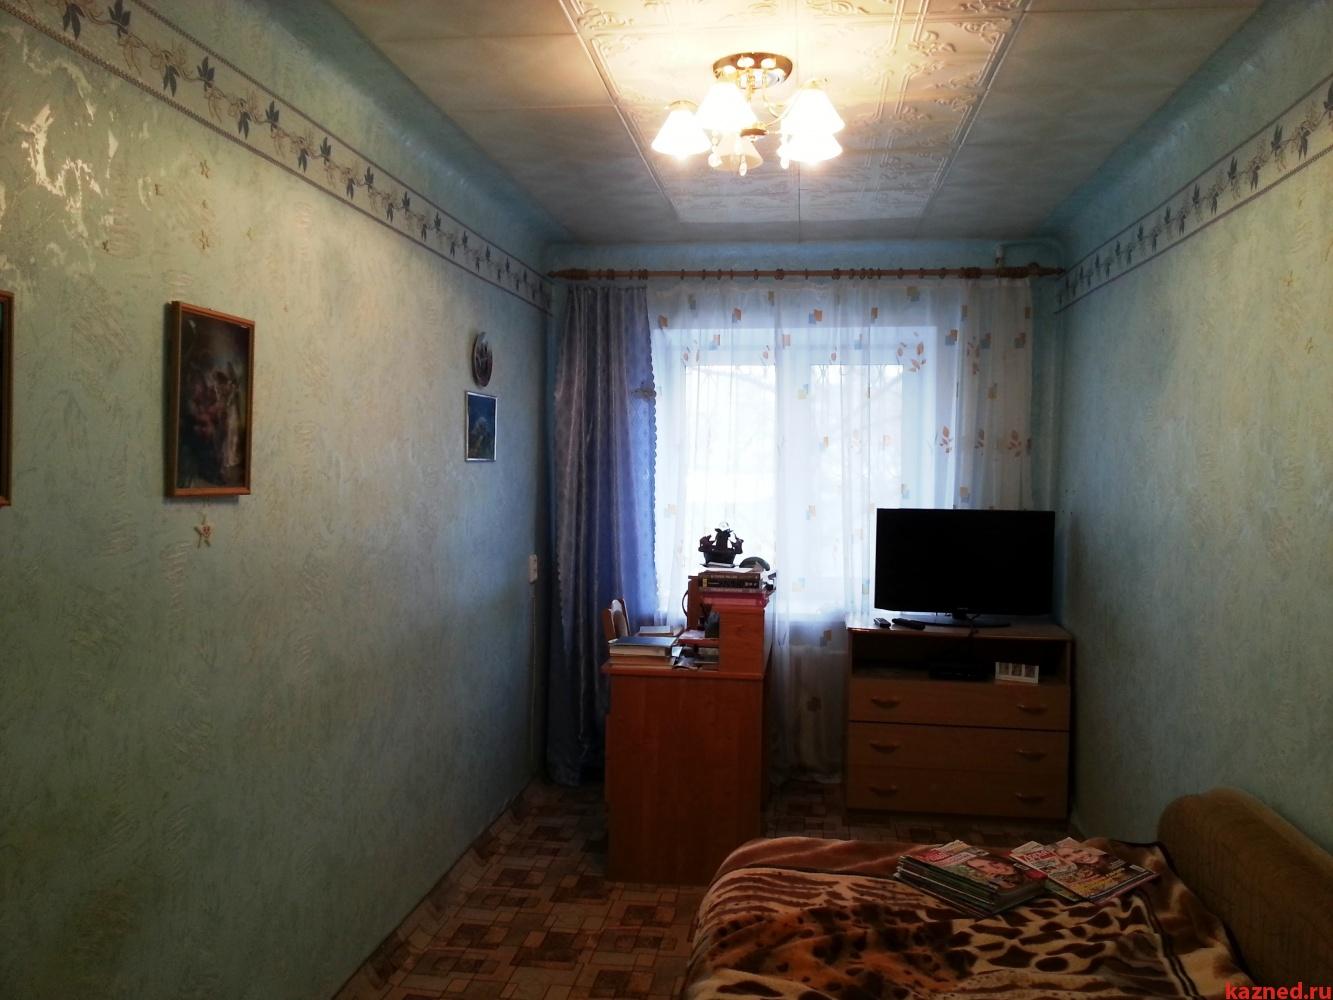 Продажа 3-к квартиры Новаторов, 1, 57 м2  (миниатюра №8)